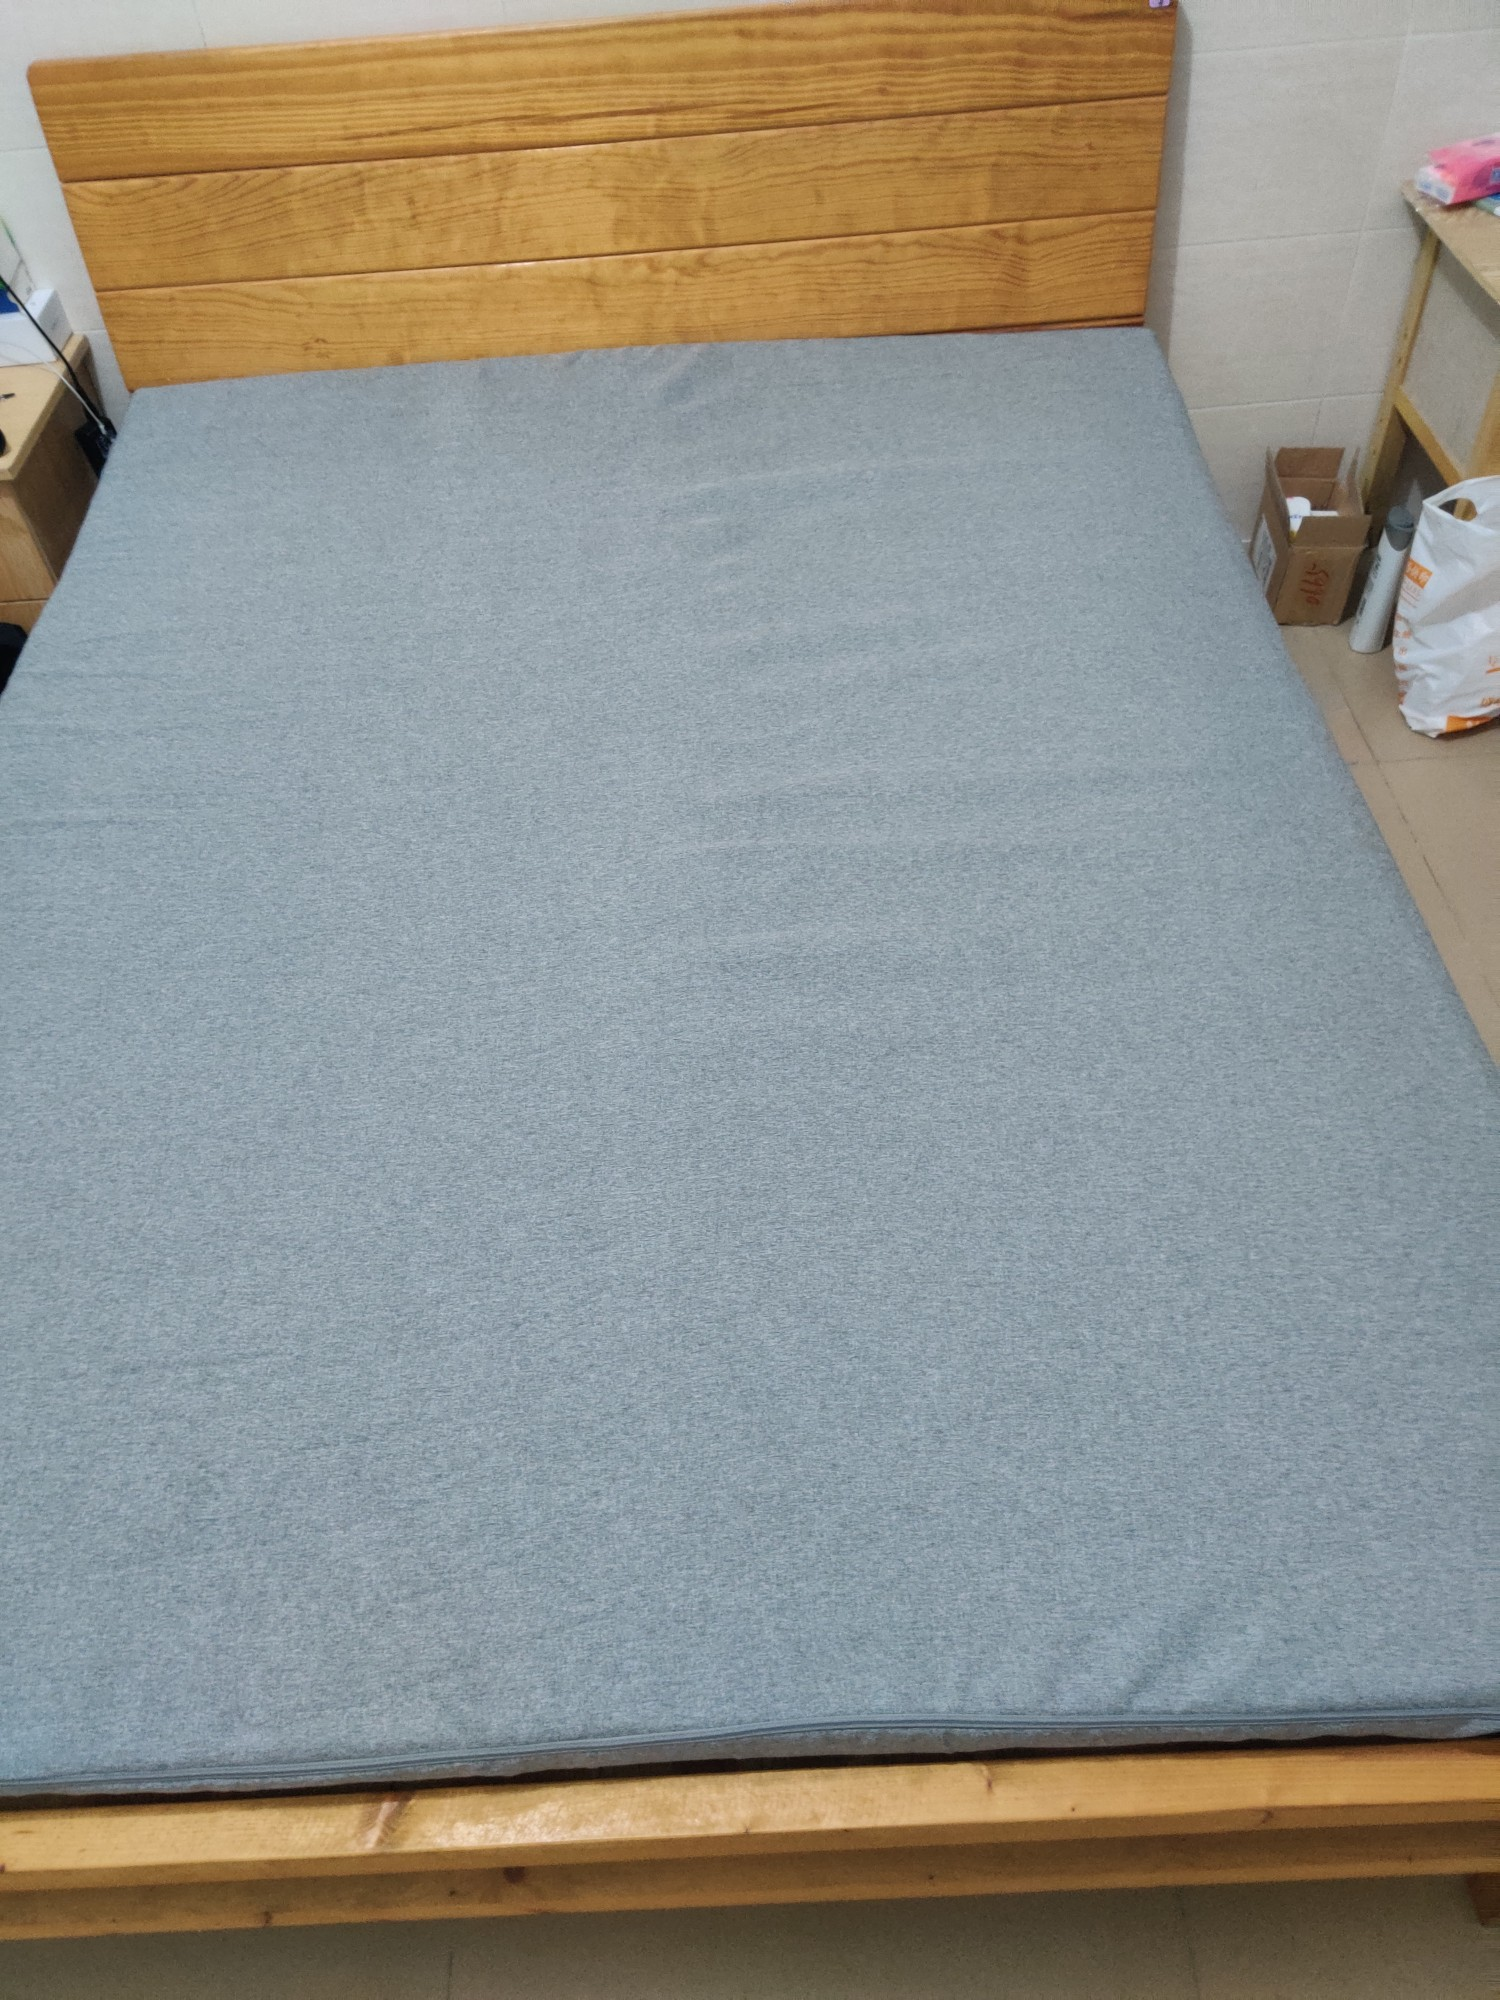 大神知道睡眠博士乳胶床垫怎么样呀?好用吗?反馈如何呀